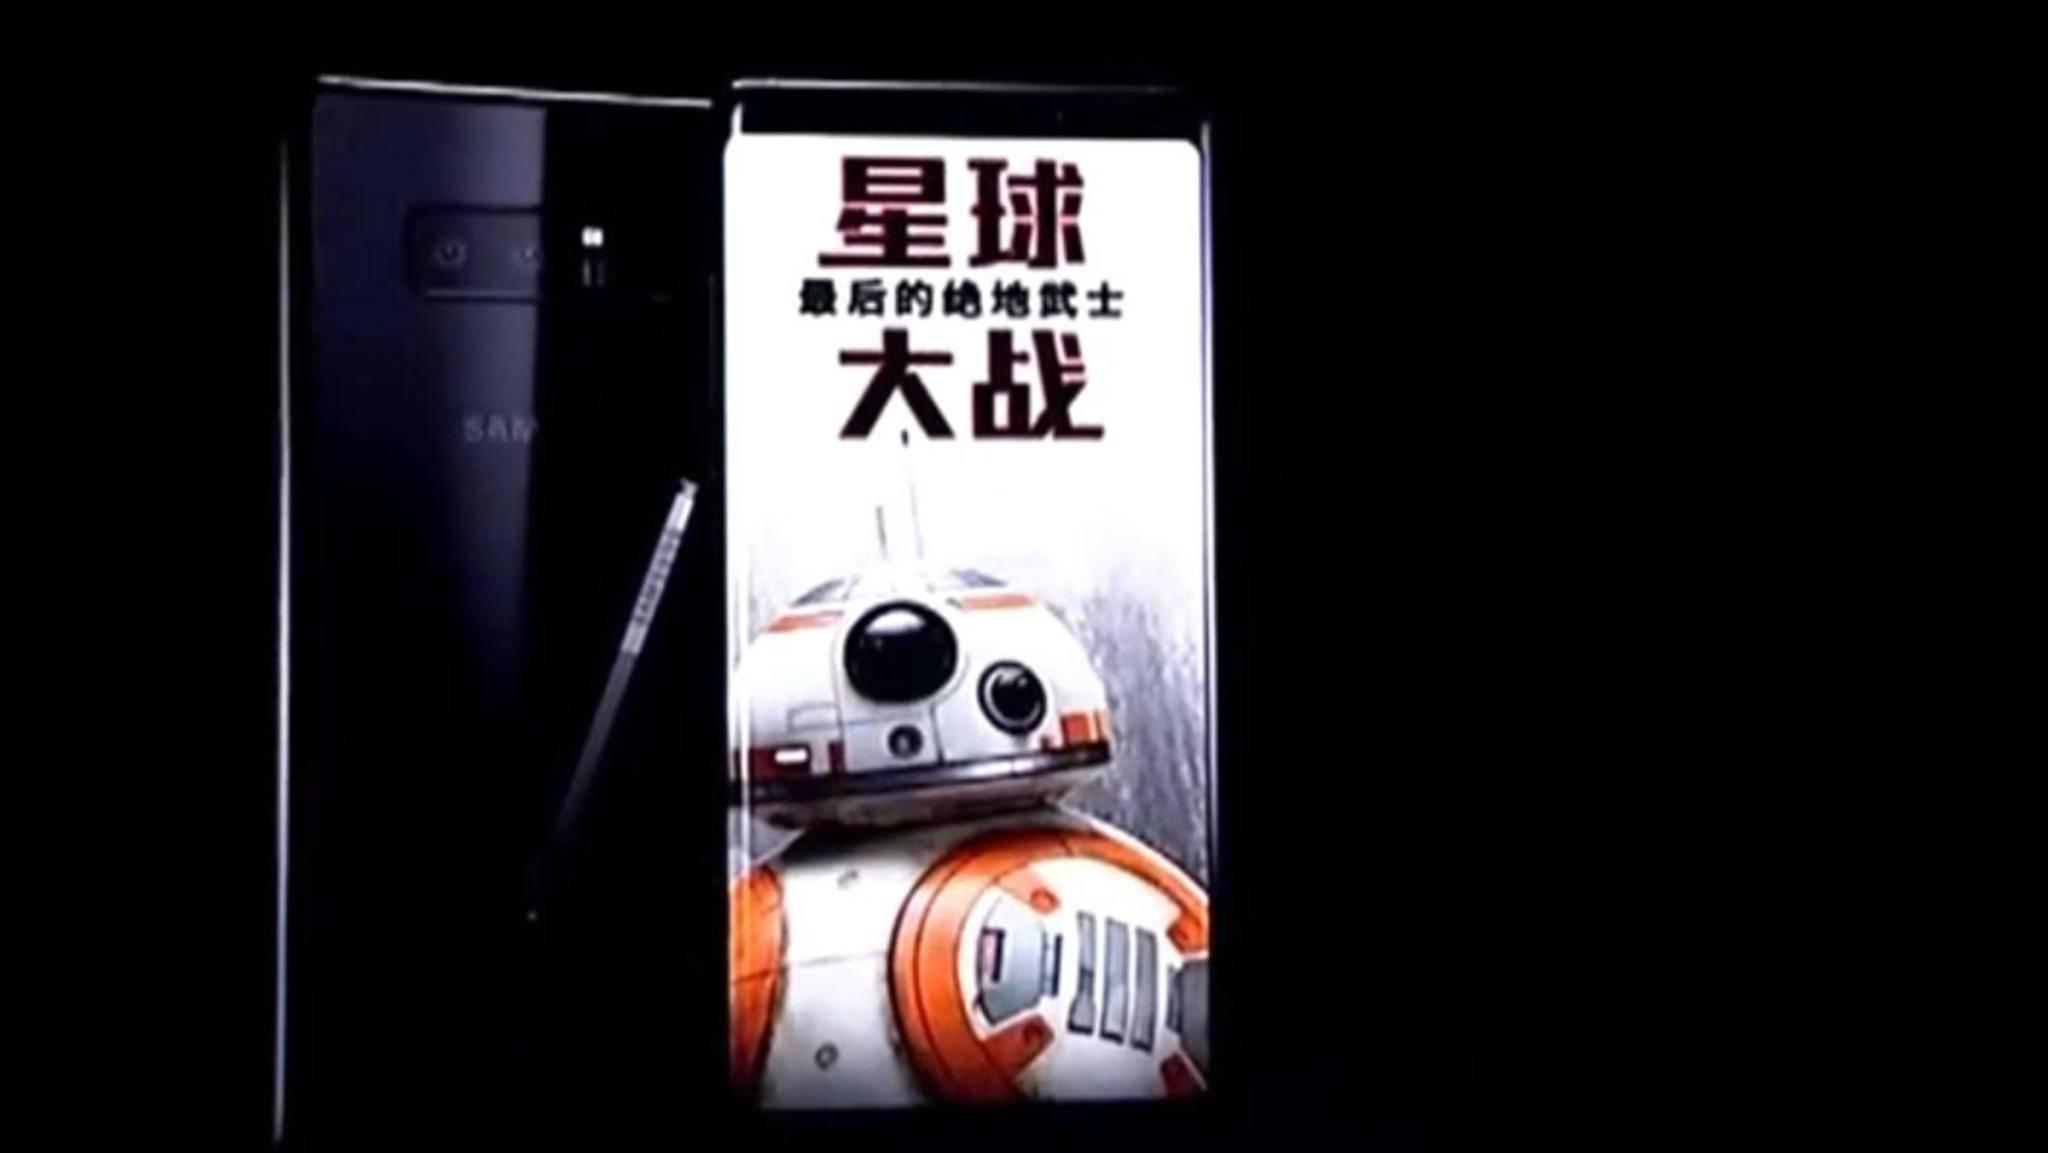 """Sehen wir hier etwa eine """"Star Wars""""-Edition des Galaxy Note 8?"""